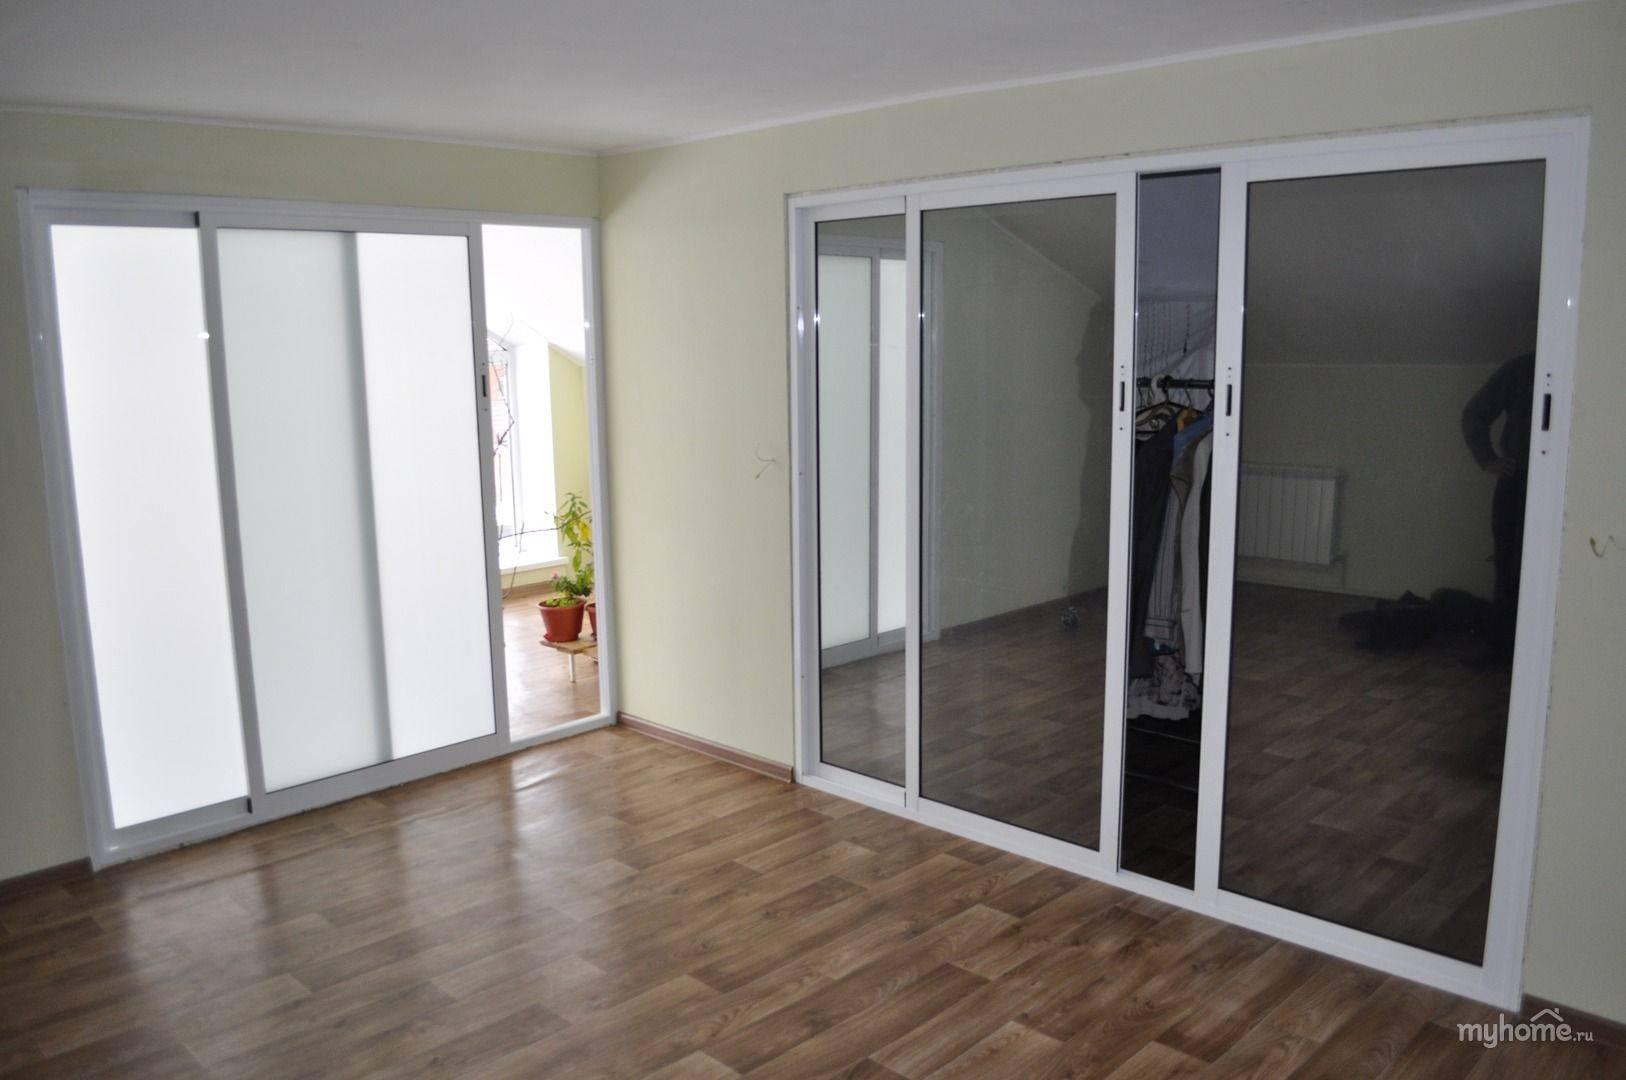 Устанавливаем раздвижные алюминиевые двери